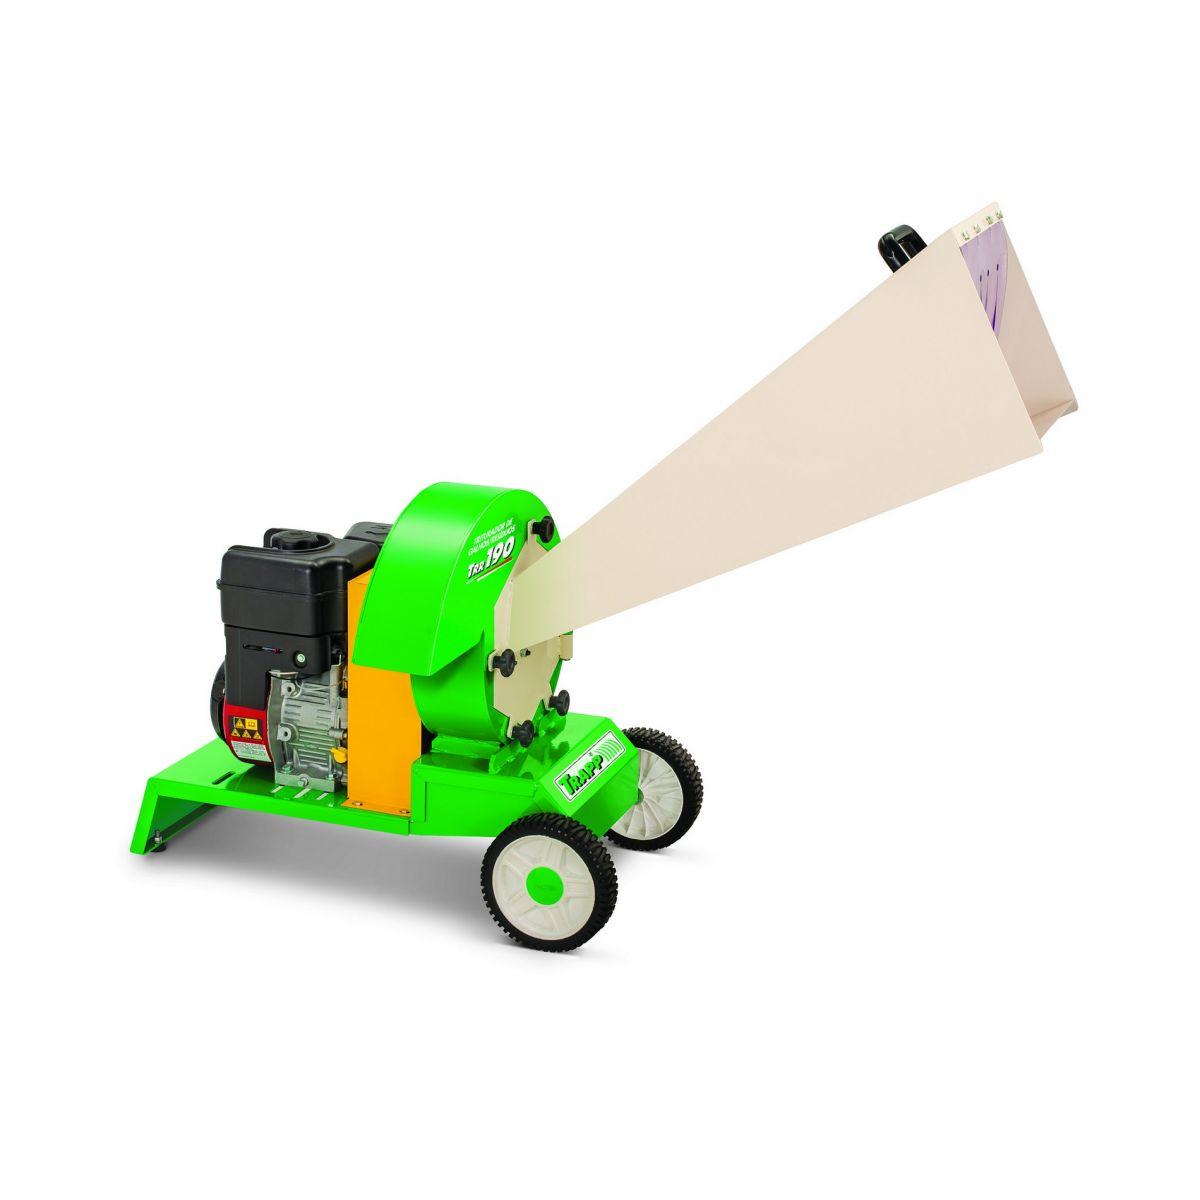 Triturador de Galhos e Resíduos TRR 190 6hp Gasolina - Trapp